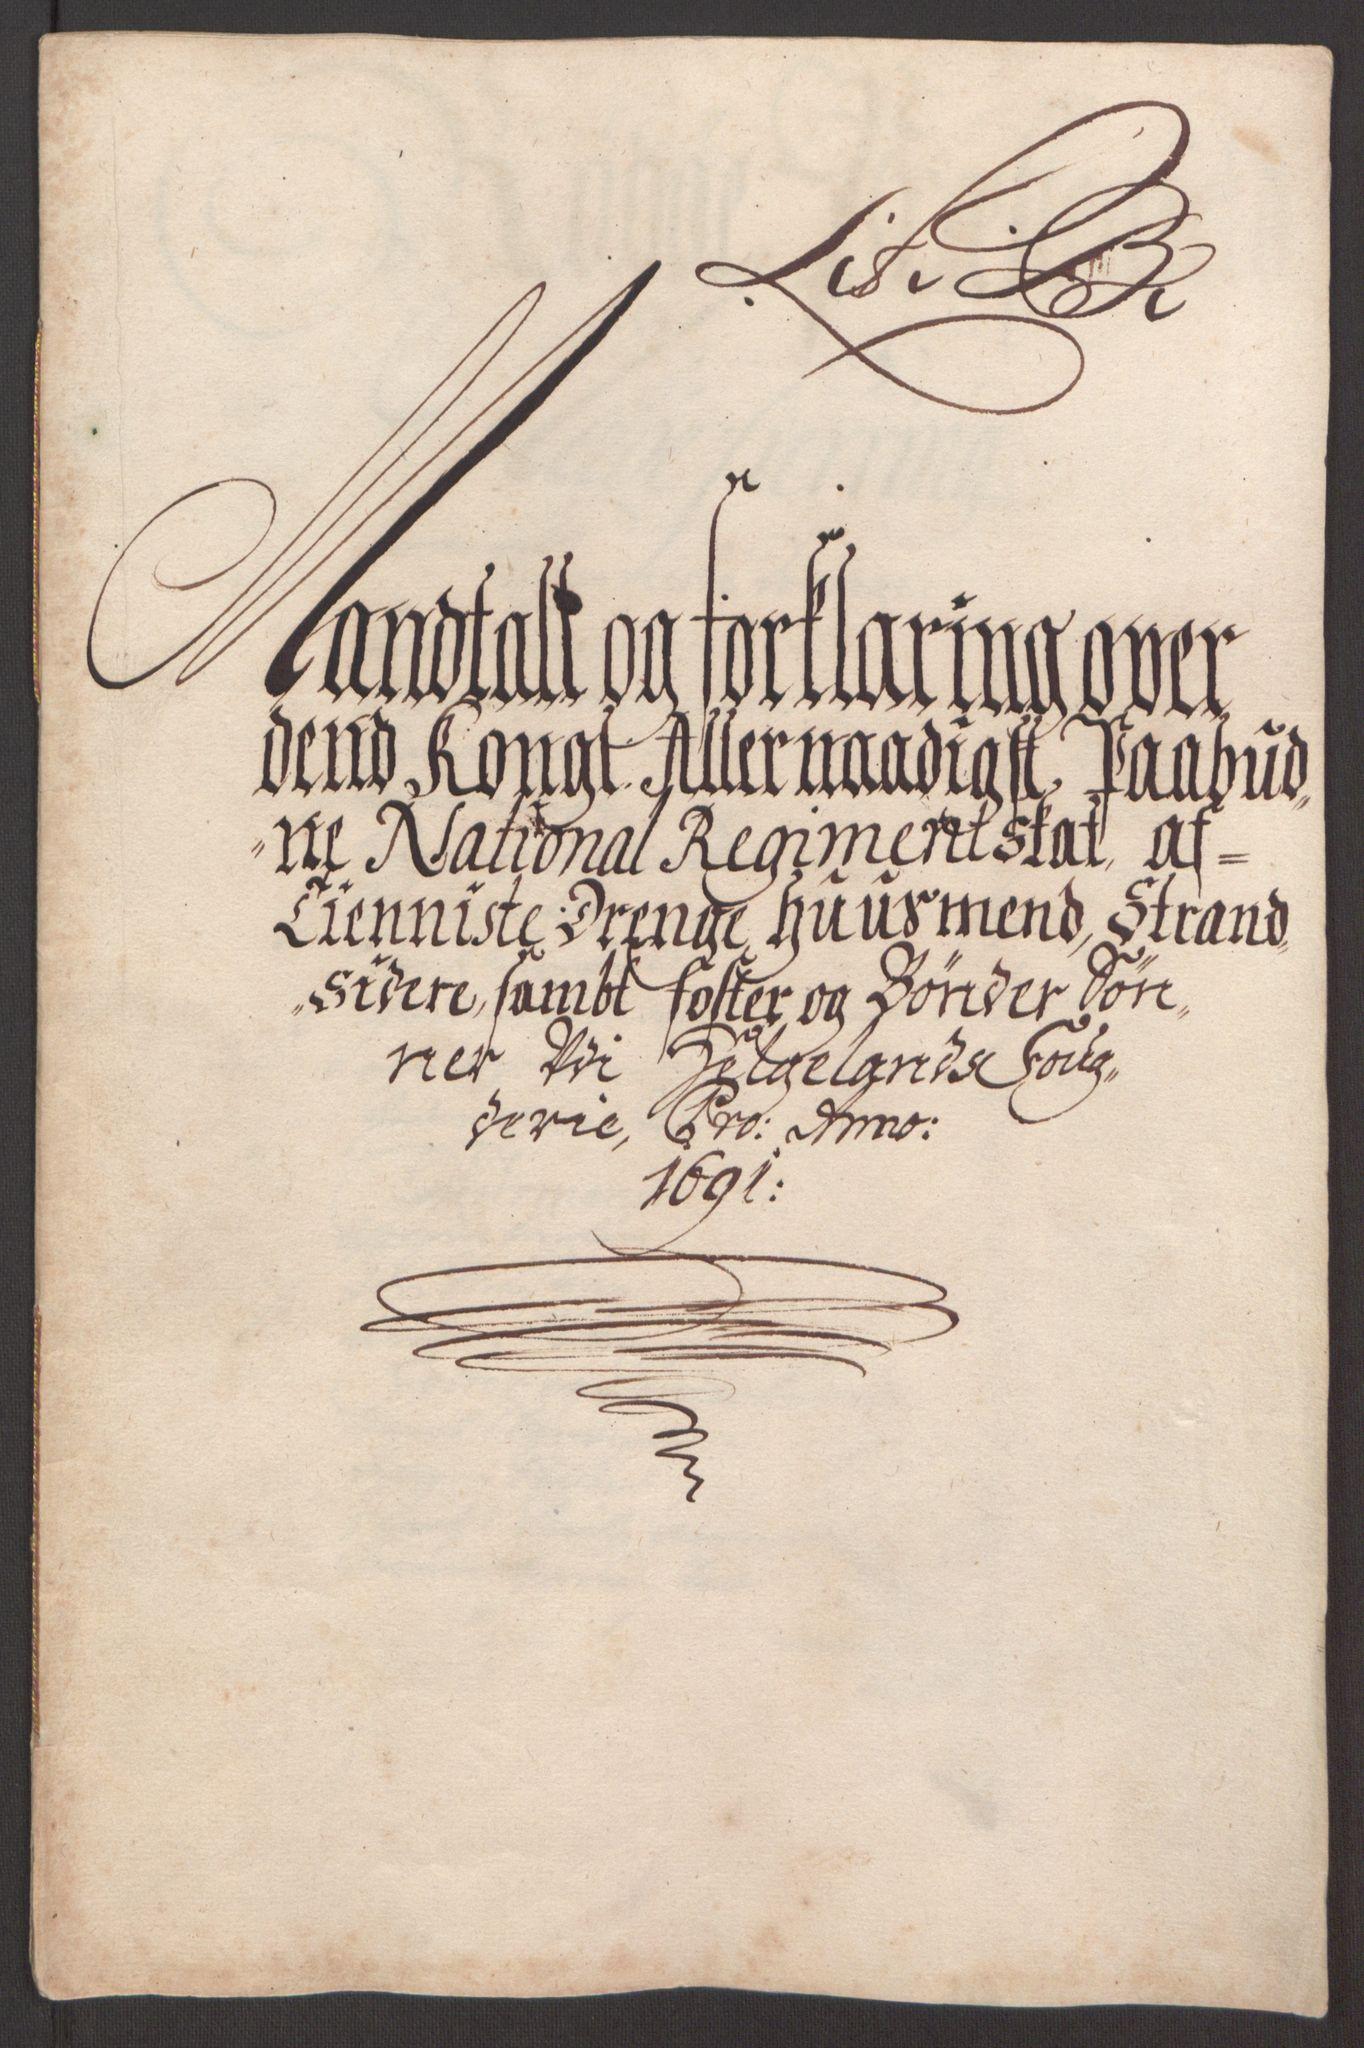 RA, Rentekammeret inntil 1814, Reviderte regnskaper, Fogderegnskap, R65/L4504: Fogderegnskap Helgeland, 1691-1692, s. 74